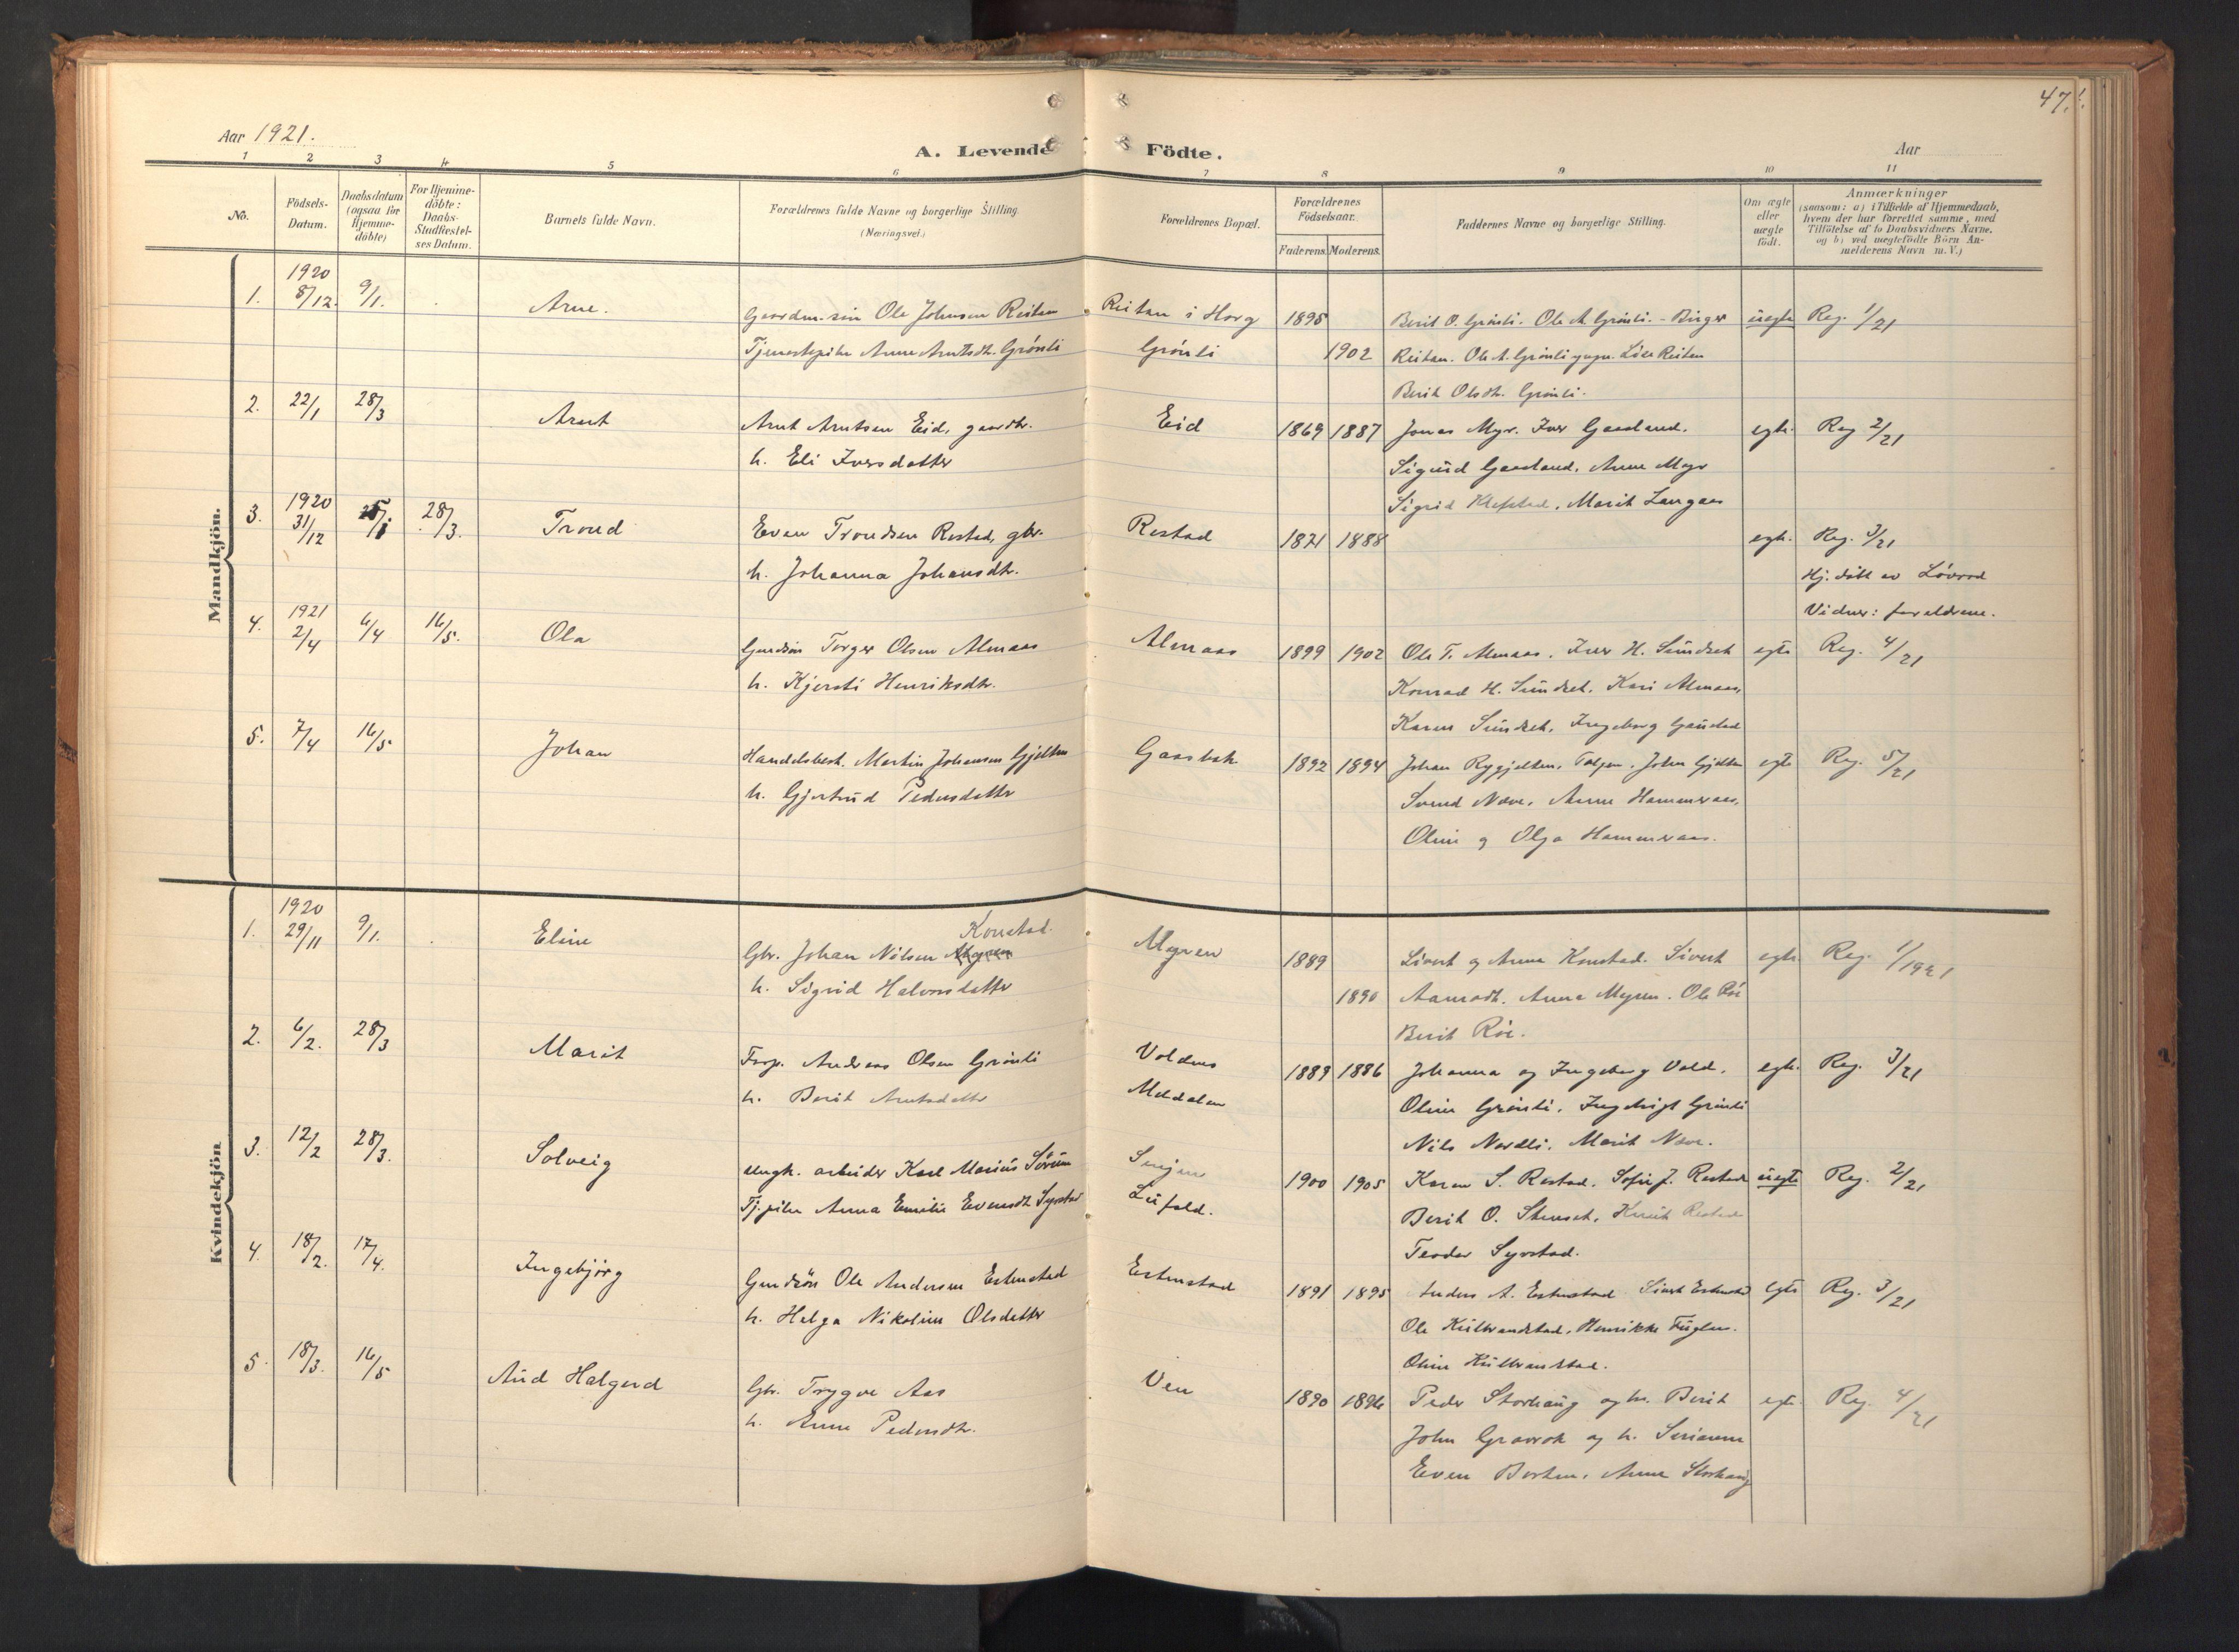 SAT, Ministerialprotokoller, klokkerbøker og fødselsregistre - Sør-Trøndelag, 694/L1128: Ministerialbok nr. 694A02, 1906-1931, s. 47